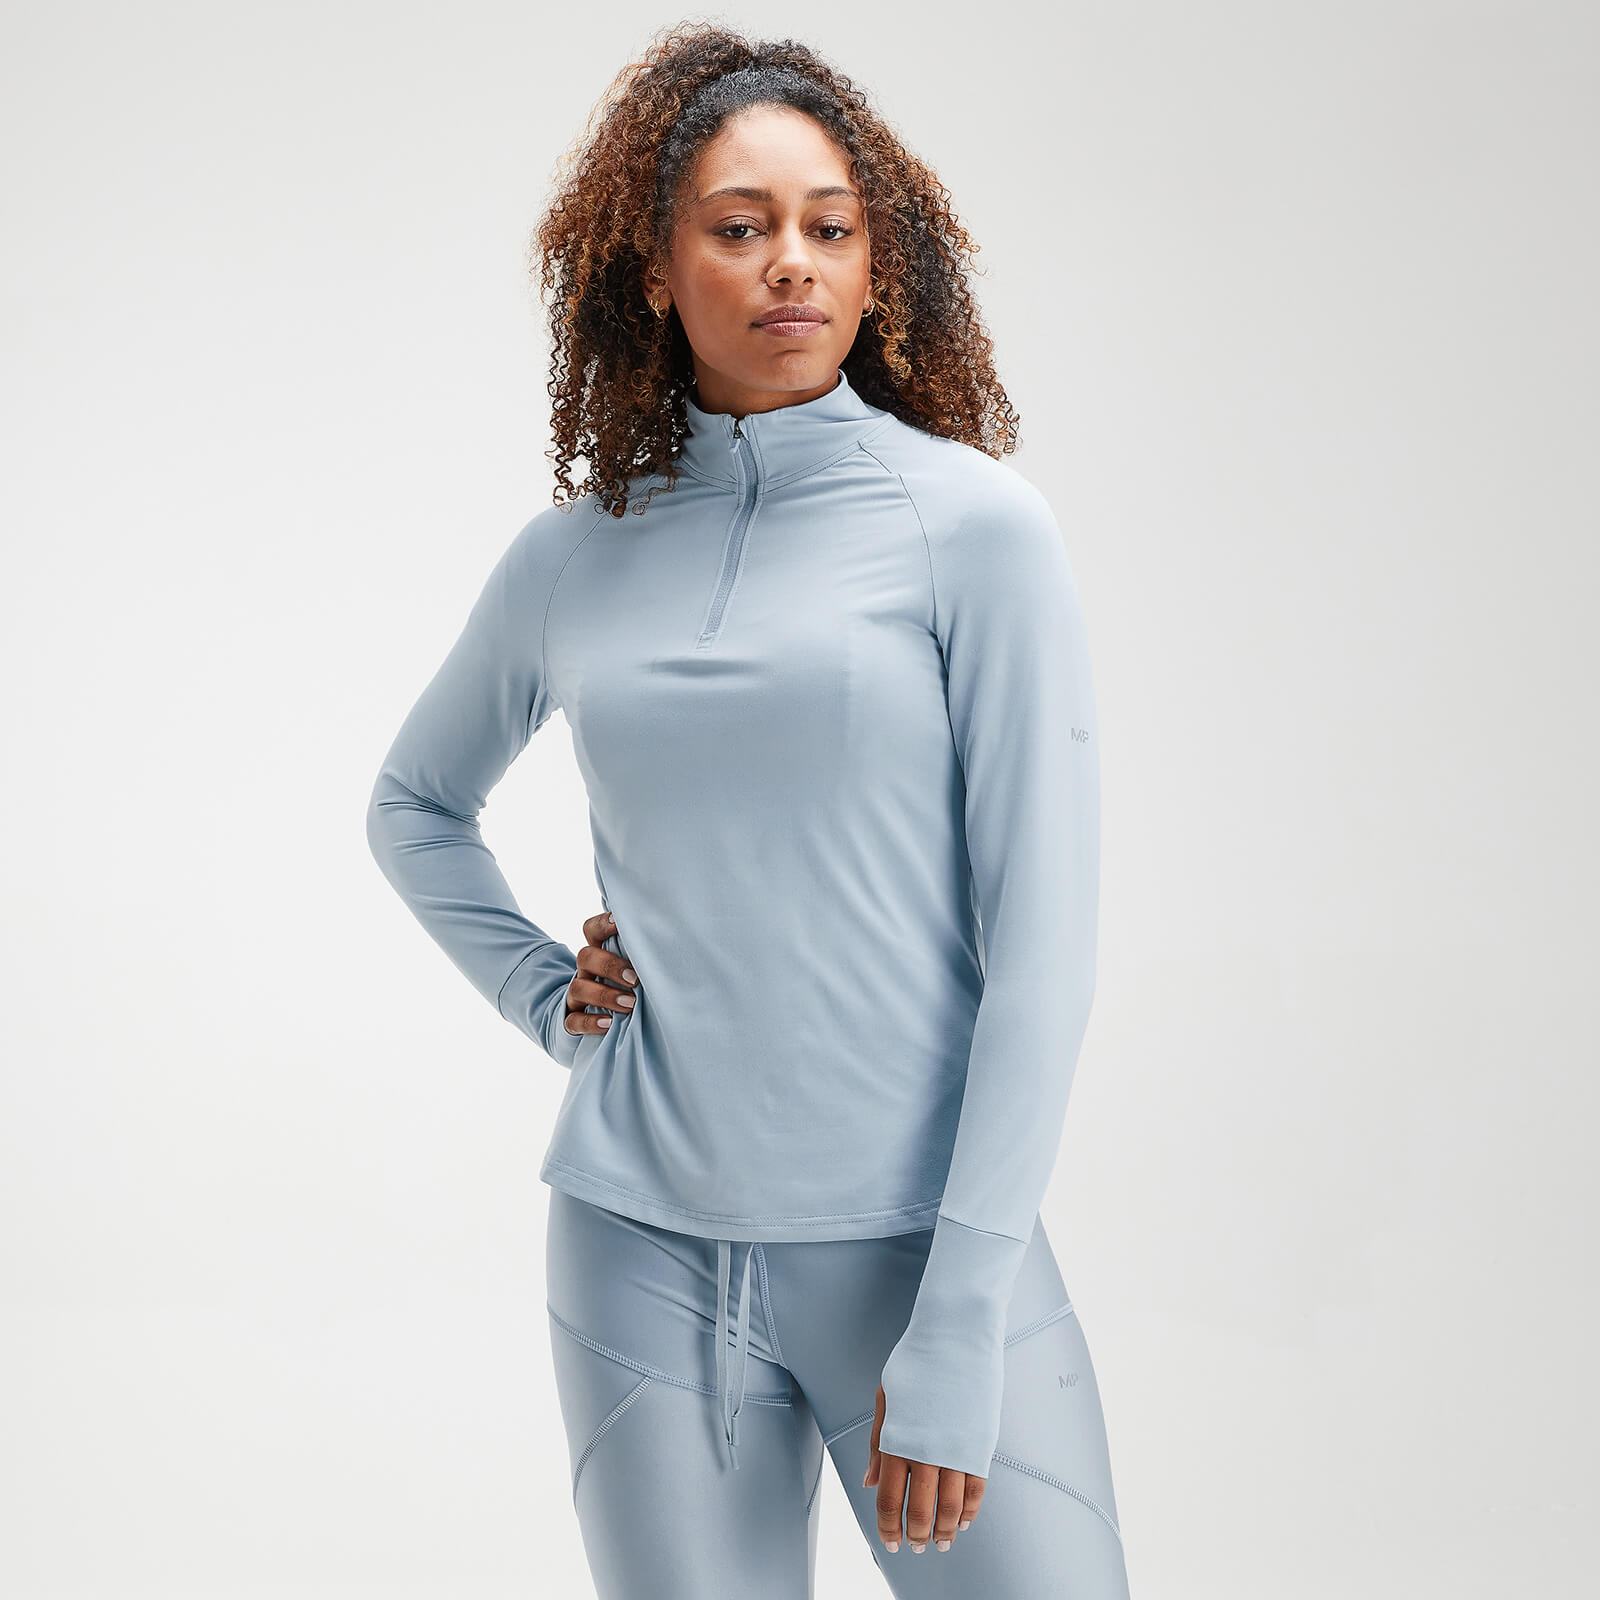 Haut à fermeture éclair ¼ MP Velocity pour femmes – Bleu clair - XXS